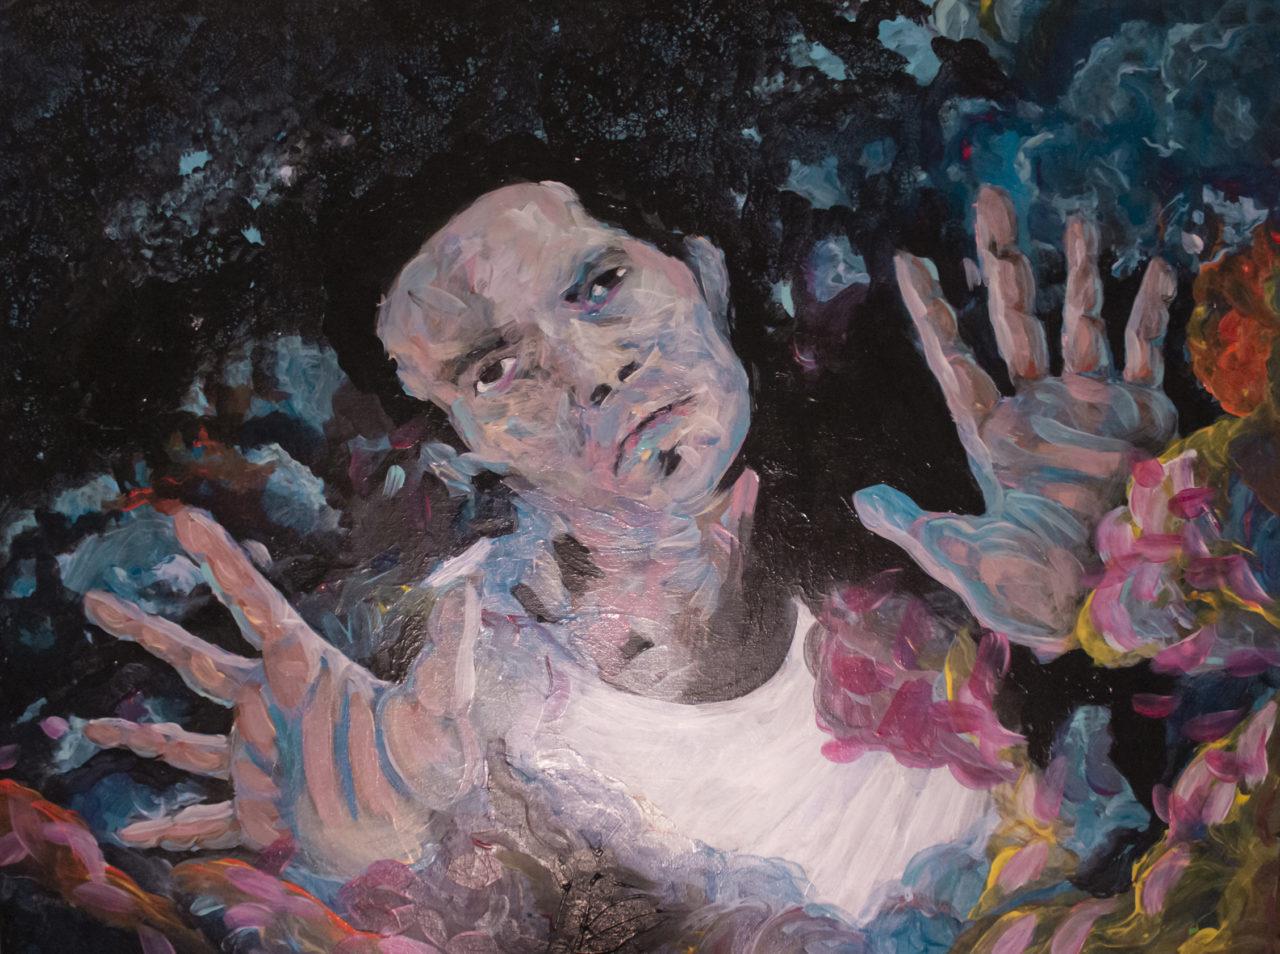 No Man's Land, juin 2019, acrylique sur toile, 60 x 80 cm